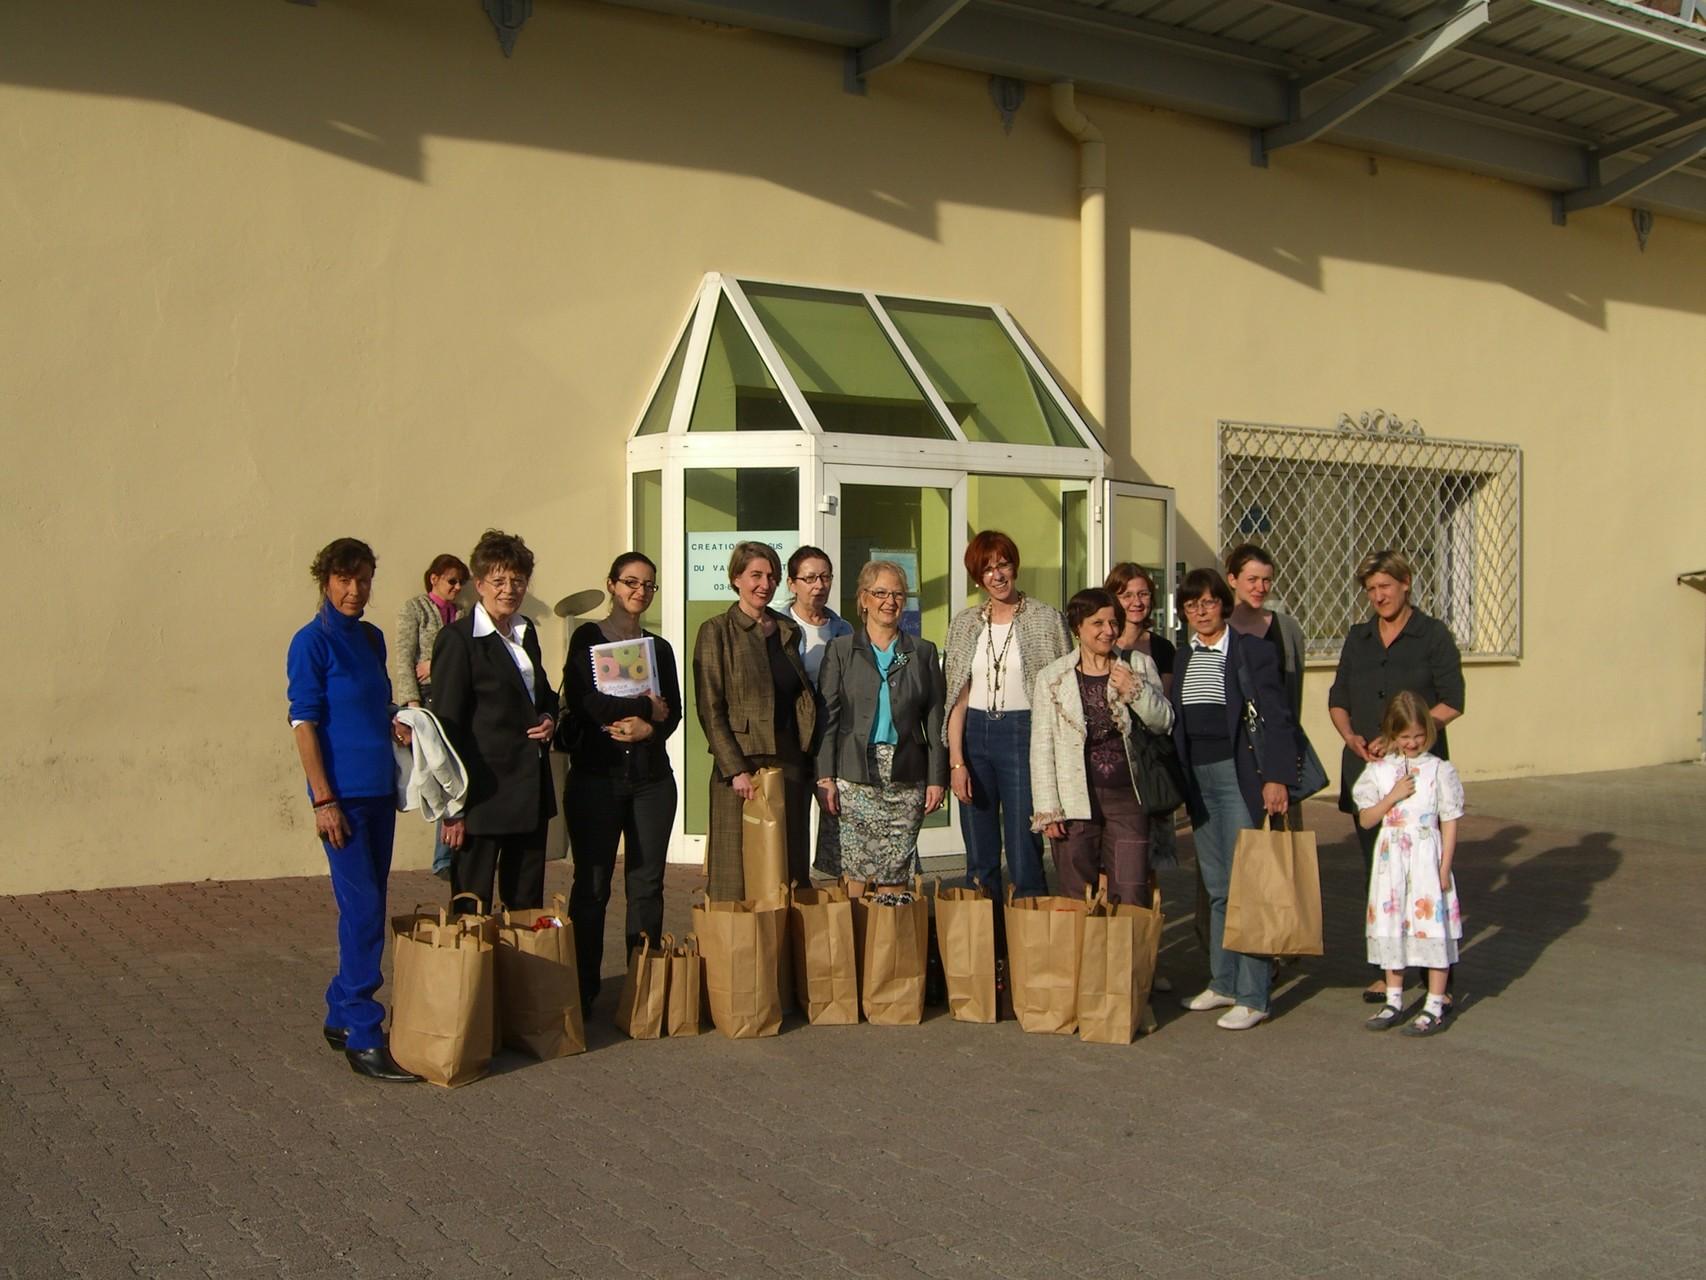 Fleißiger Einkauf von Tweedstoffen in Saint-Marie-Aux-Mines - 2008 Geradmér